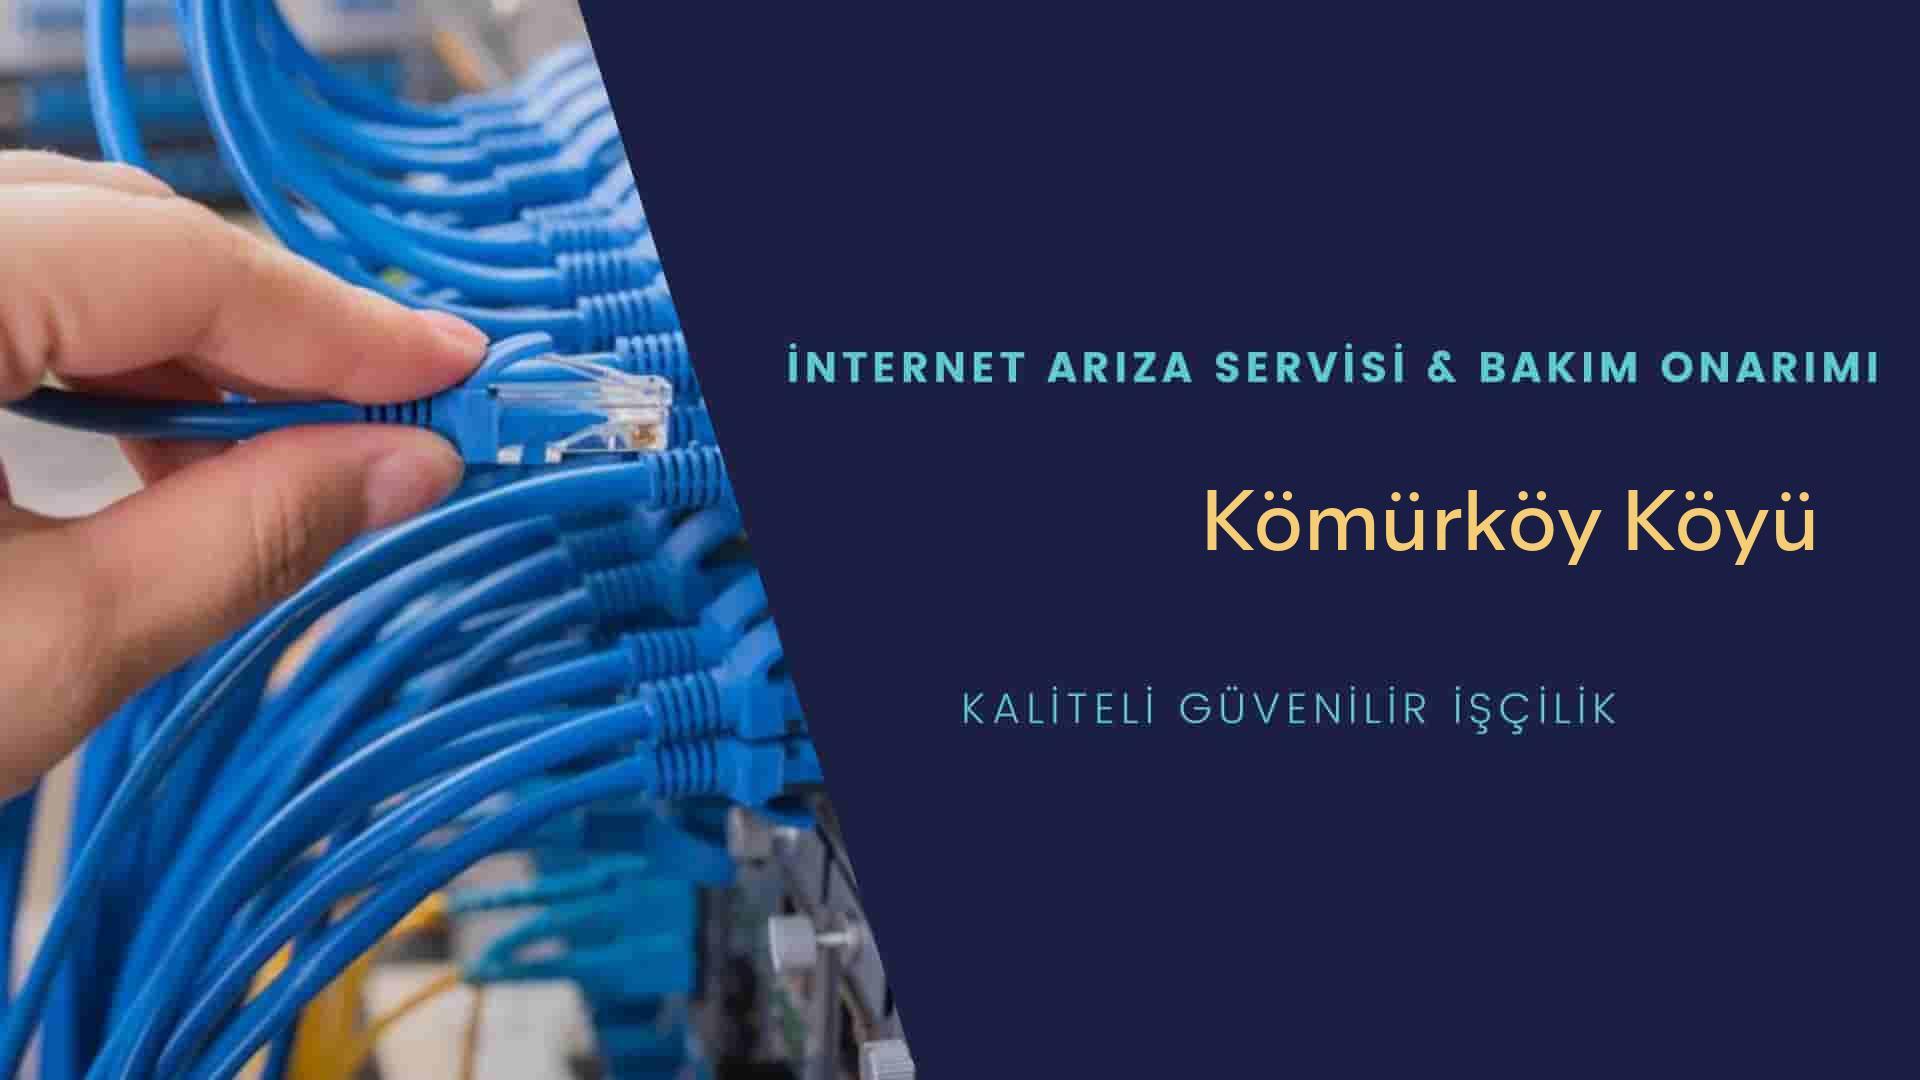 Kömürköy Köyü internet kablosu çekimi yapan yerler veya elektrikçiler mi? arıyorsunuz doğru yerdesiniz o zaman sizlere 7/24 yardımcı olacak profesyonel ustalarımız bir telefon kadar yakındır size.